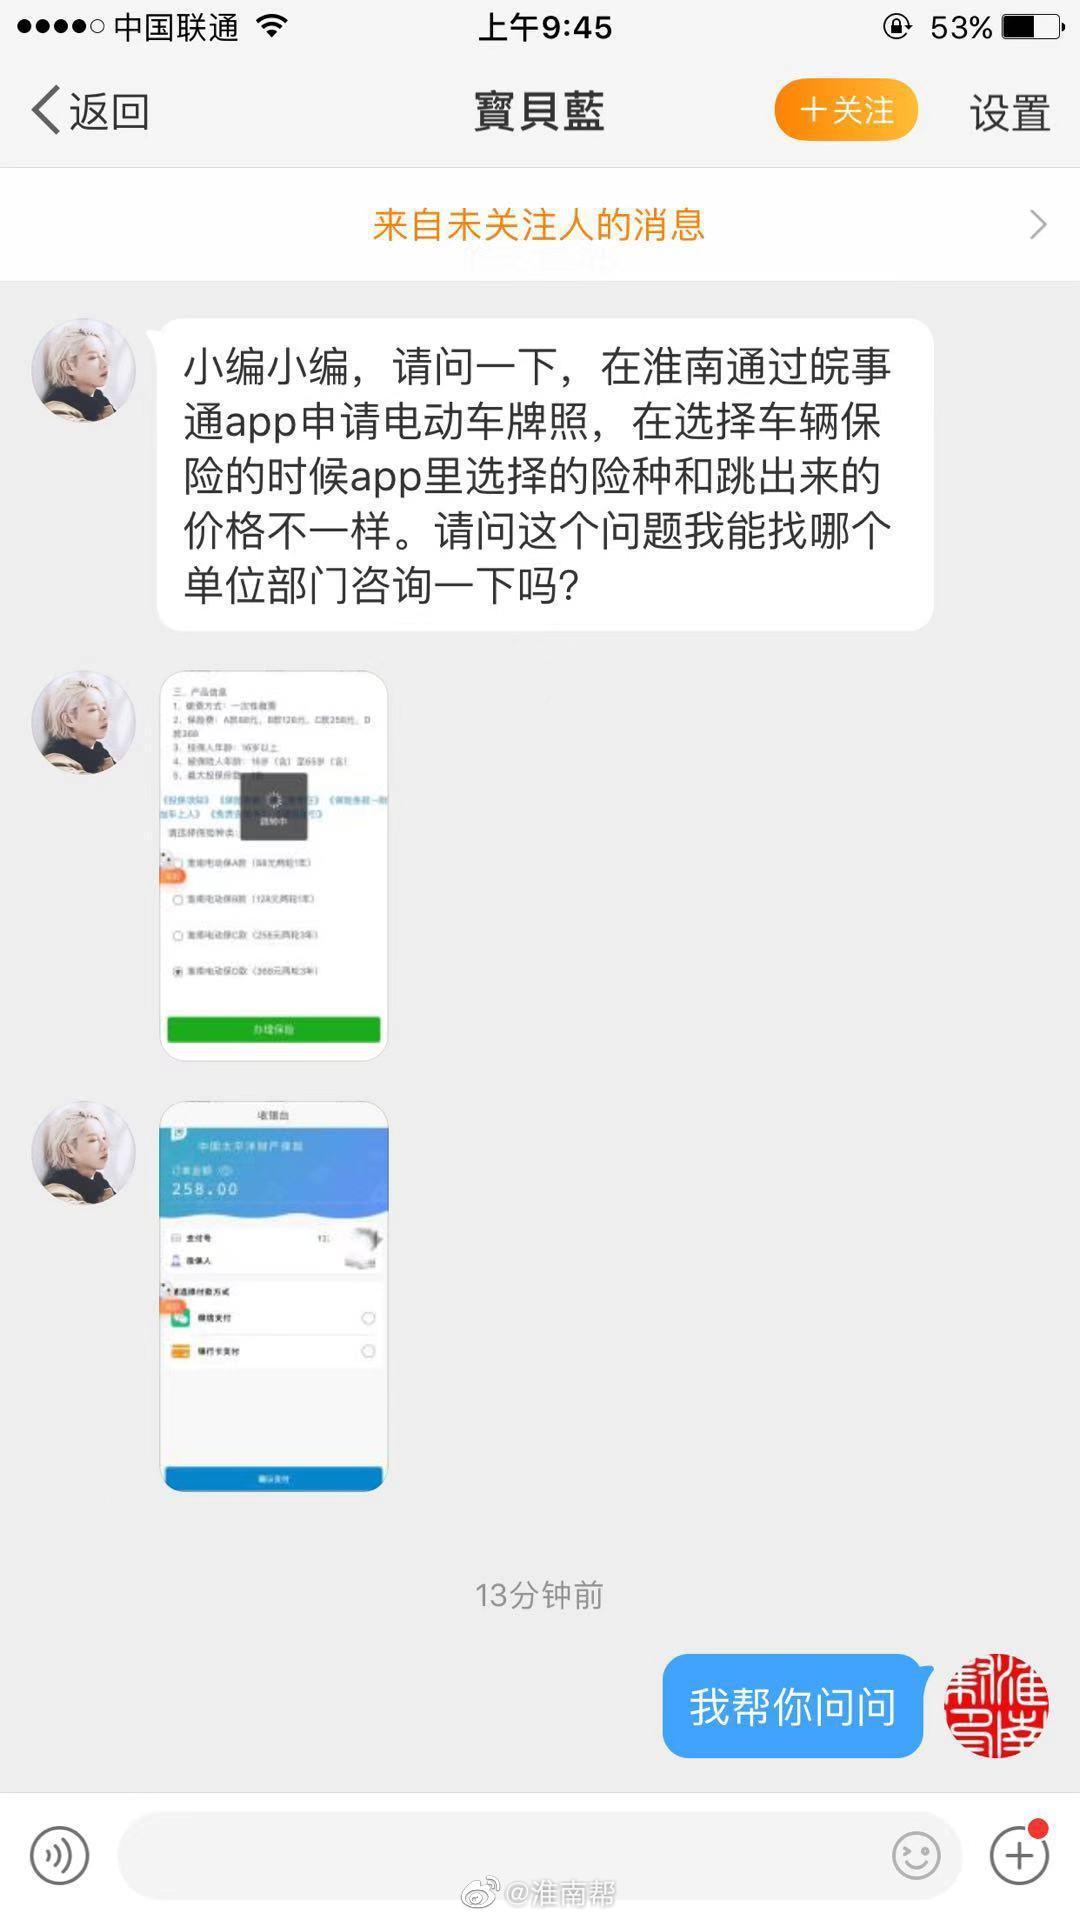 网友@寳貝藍 问:皖事通app申请电动车牌照保险业务,在哪里能咨询?